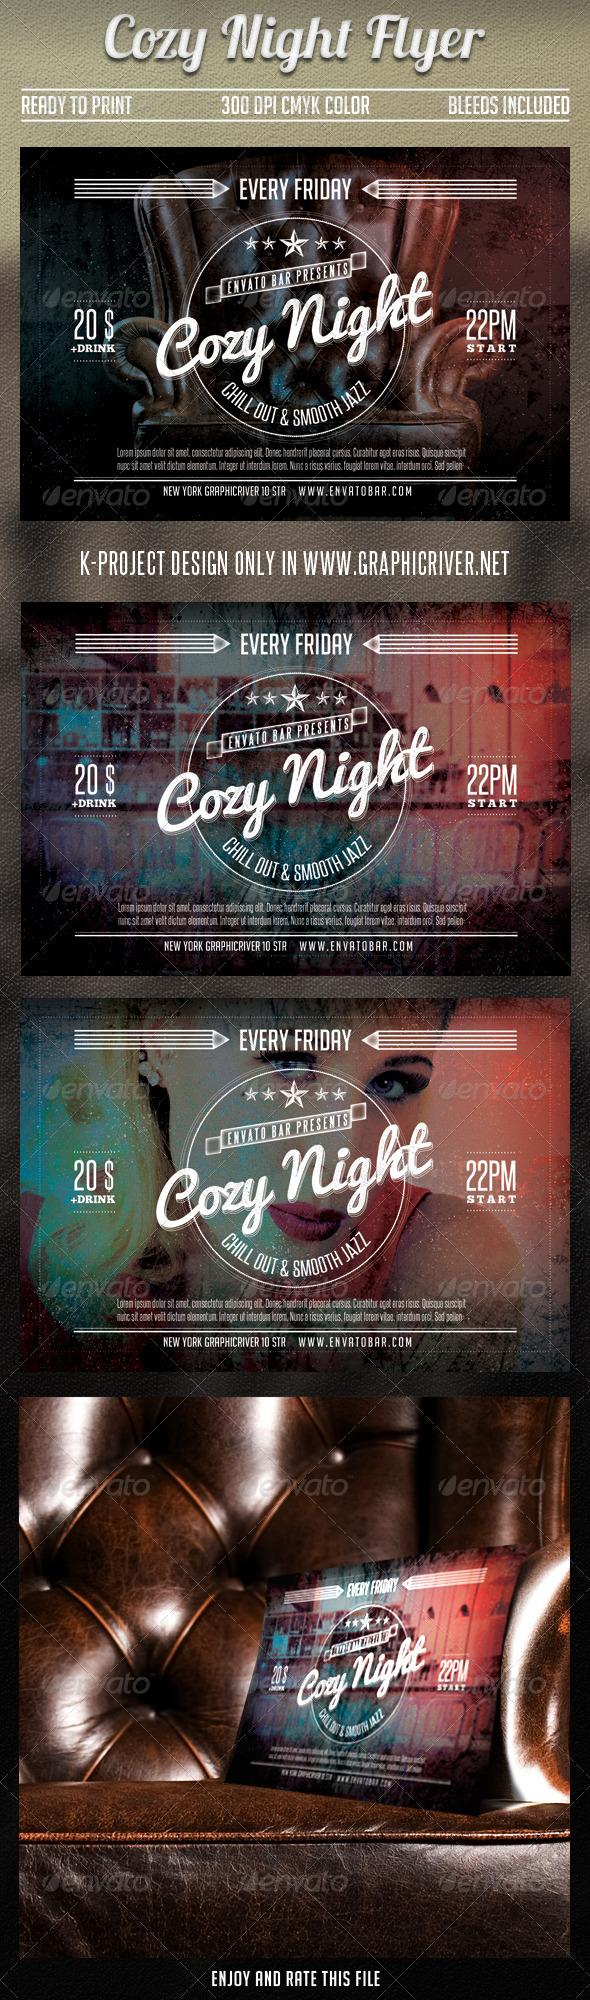 GraphicRiver Cozy Night Flyer 7302450